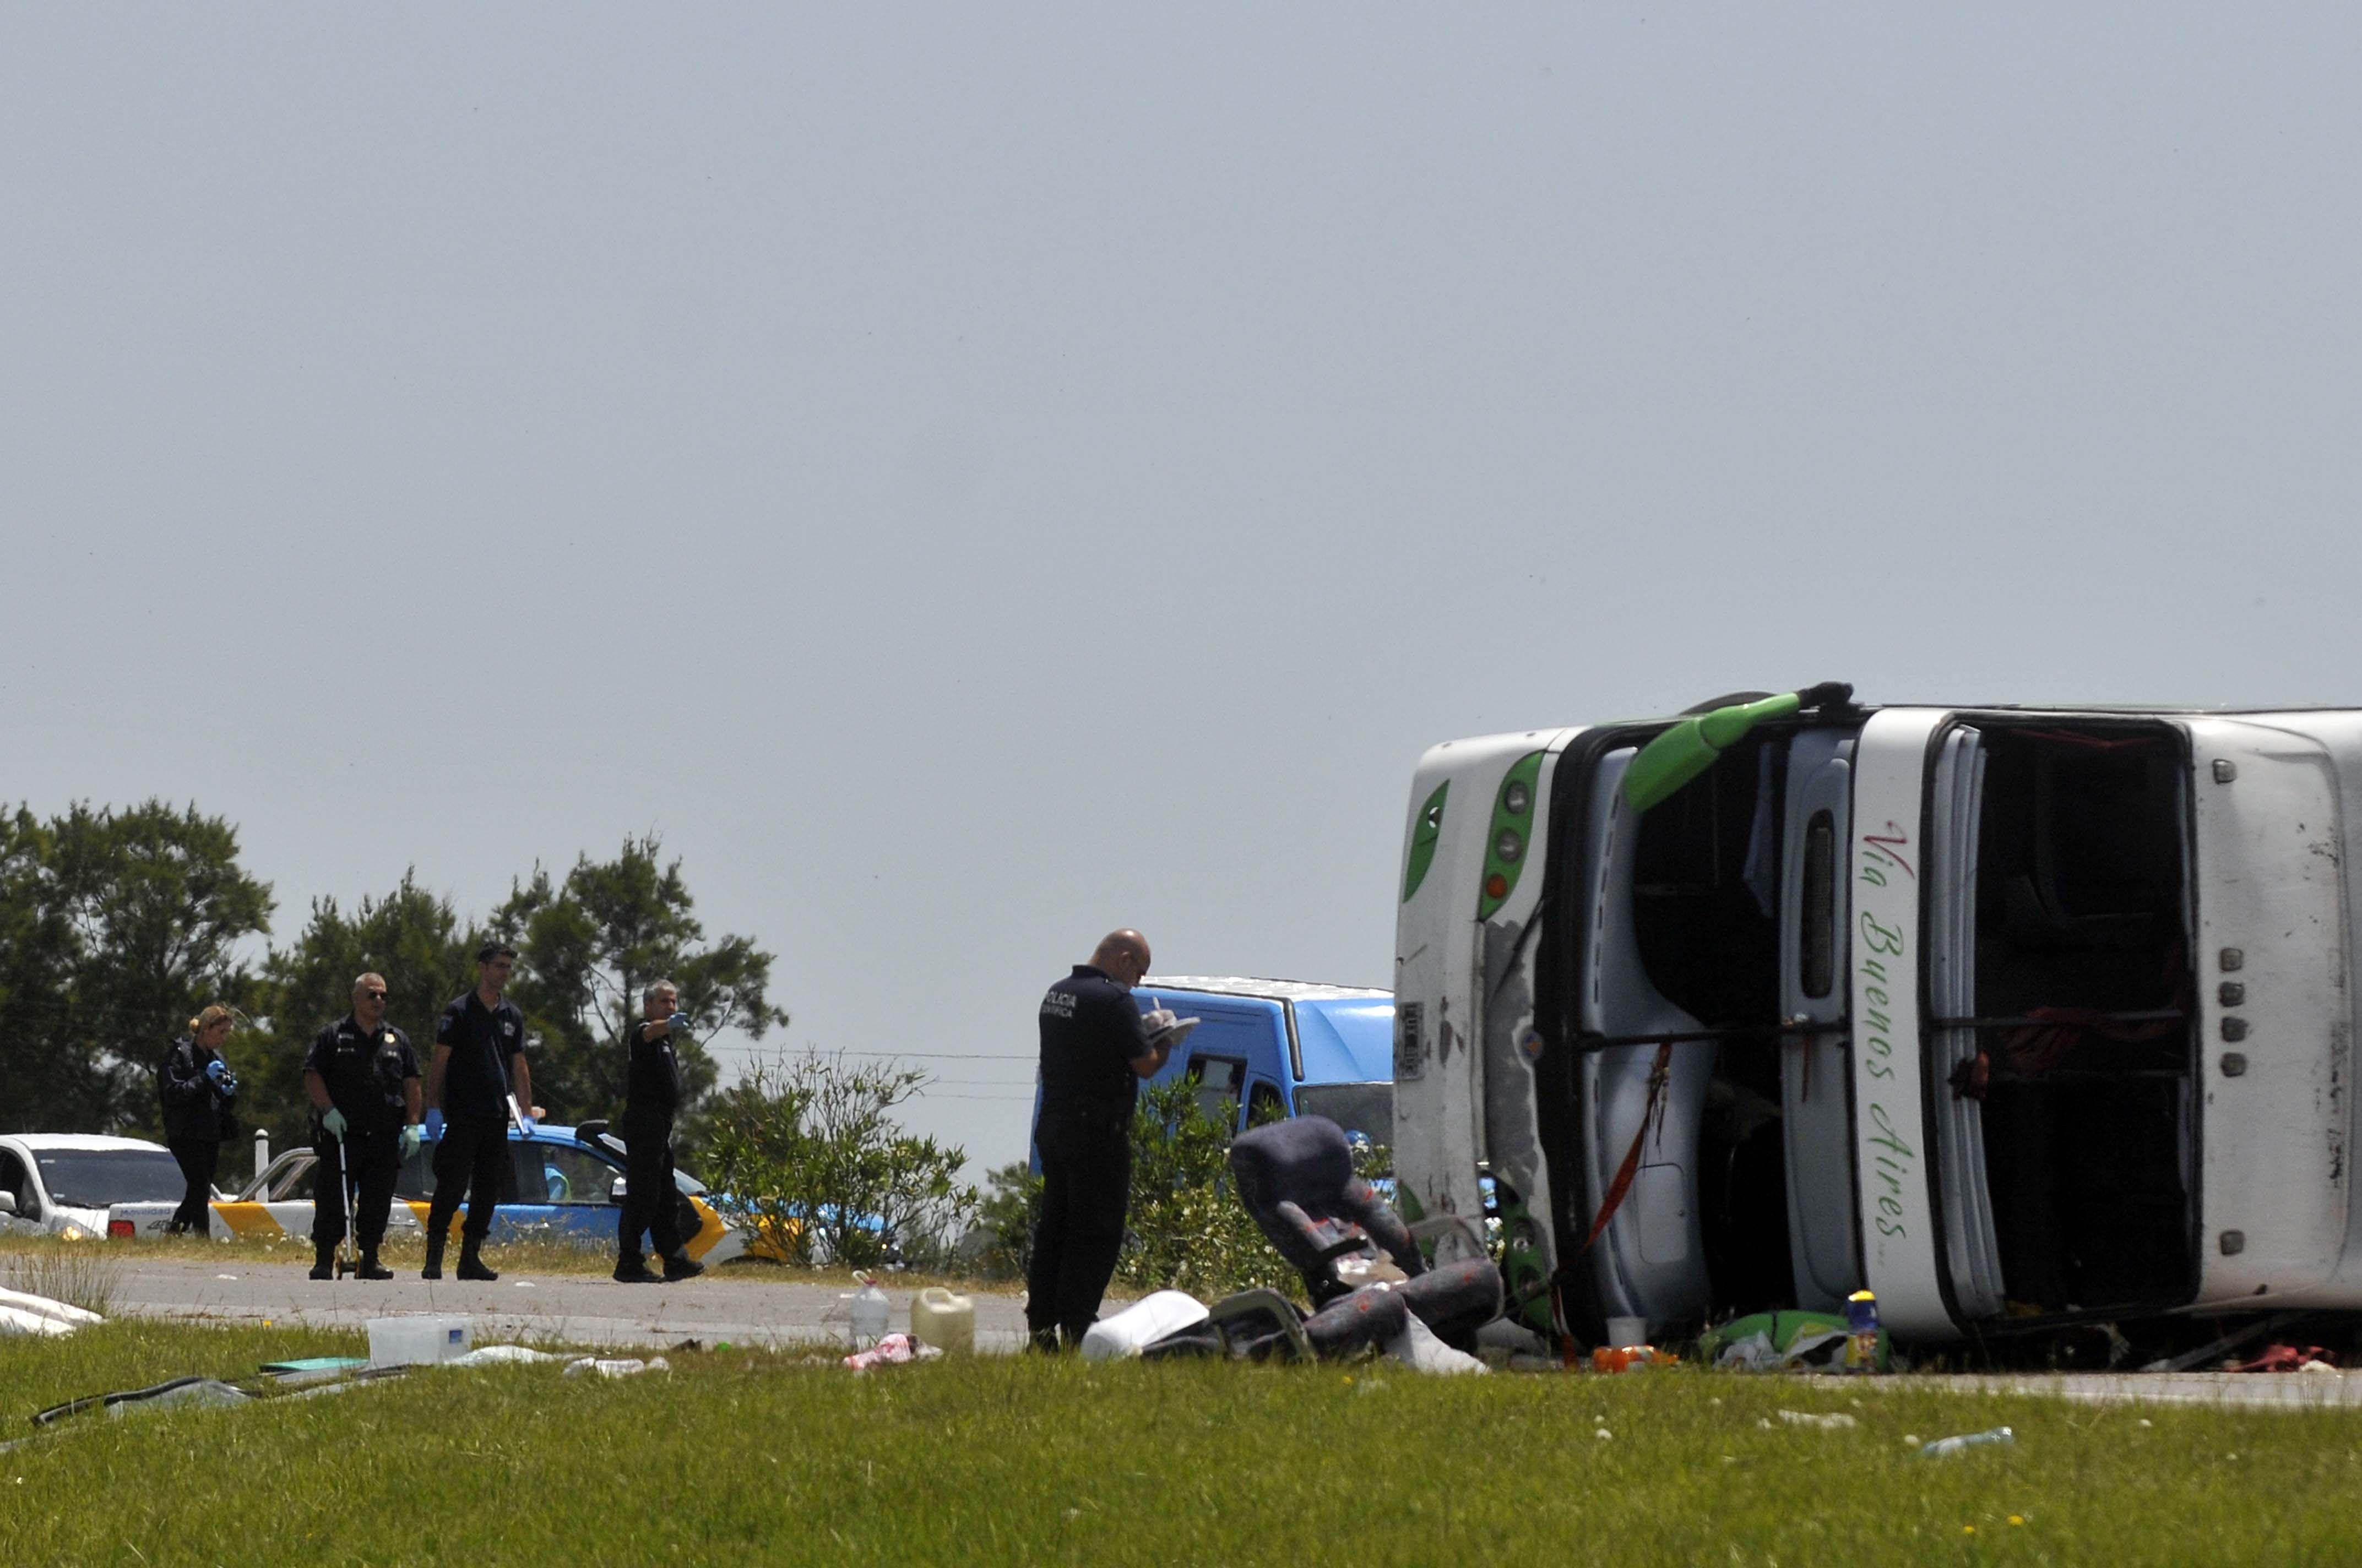 En el hecho murieron dos niñas y varios menores resultaron heridos